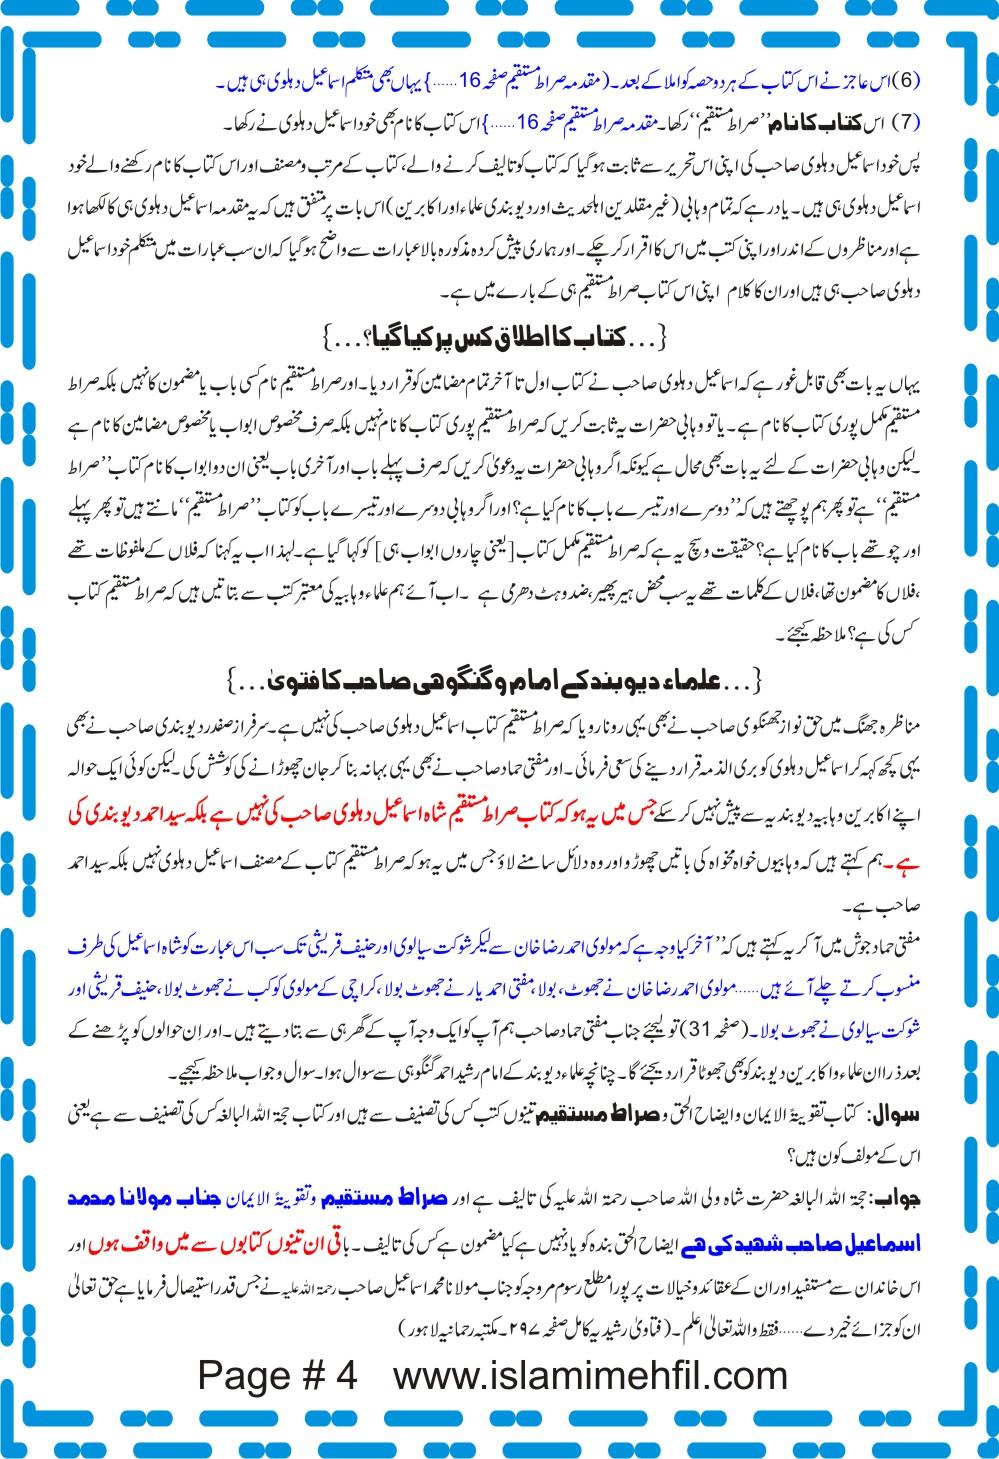 Siratul Mustaqeem (4).jpg